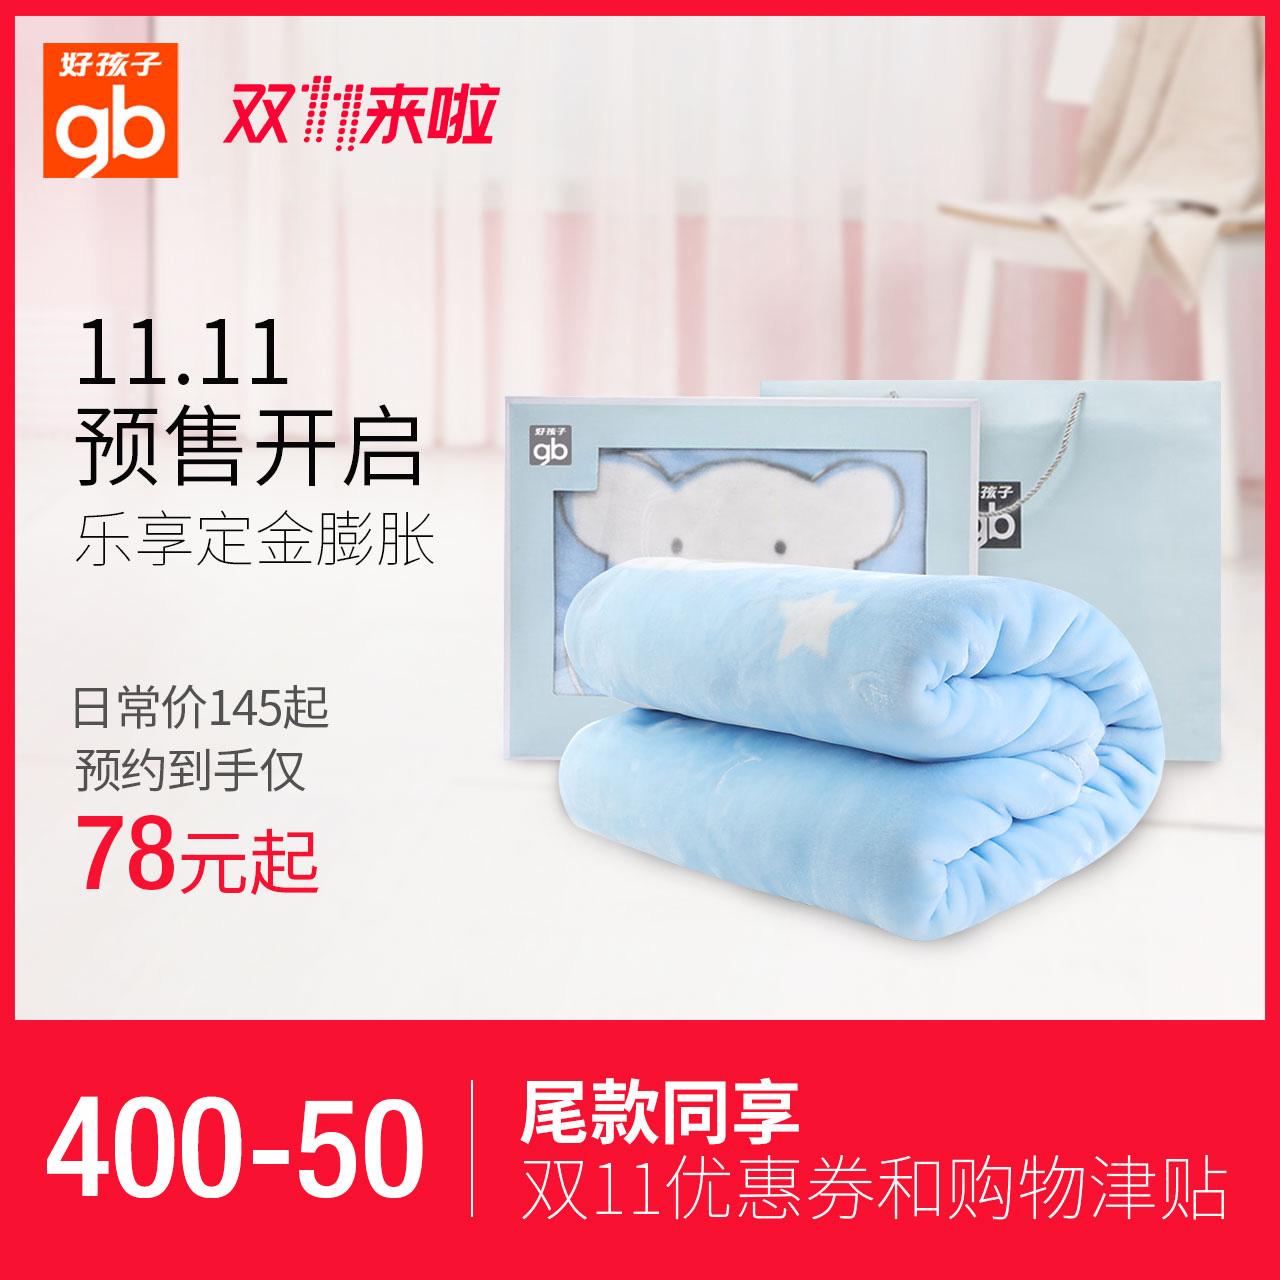 gb好孩子婴儿毛毯新生儿毯子秋冬儿童幼儿园毛毯双层加厚宝宝毯~